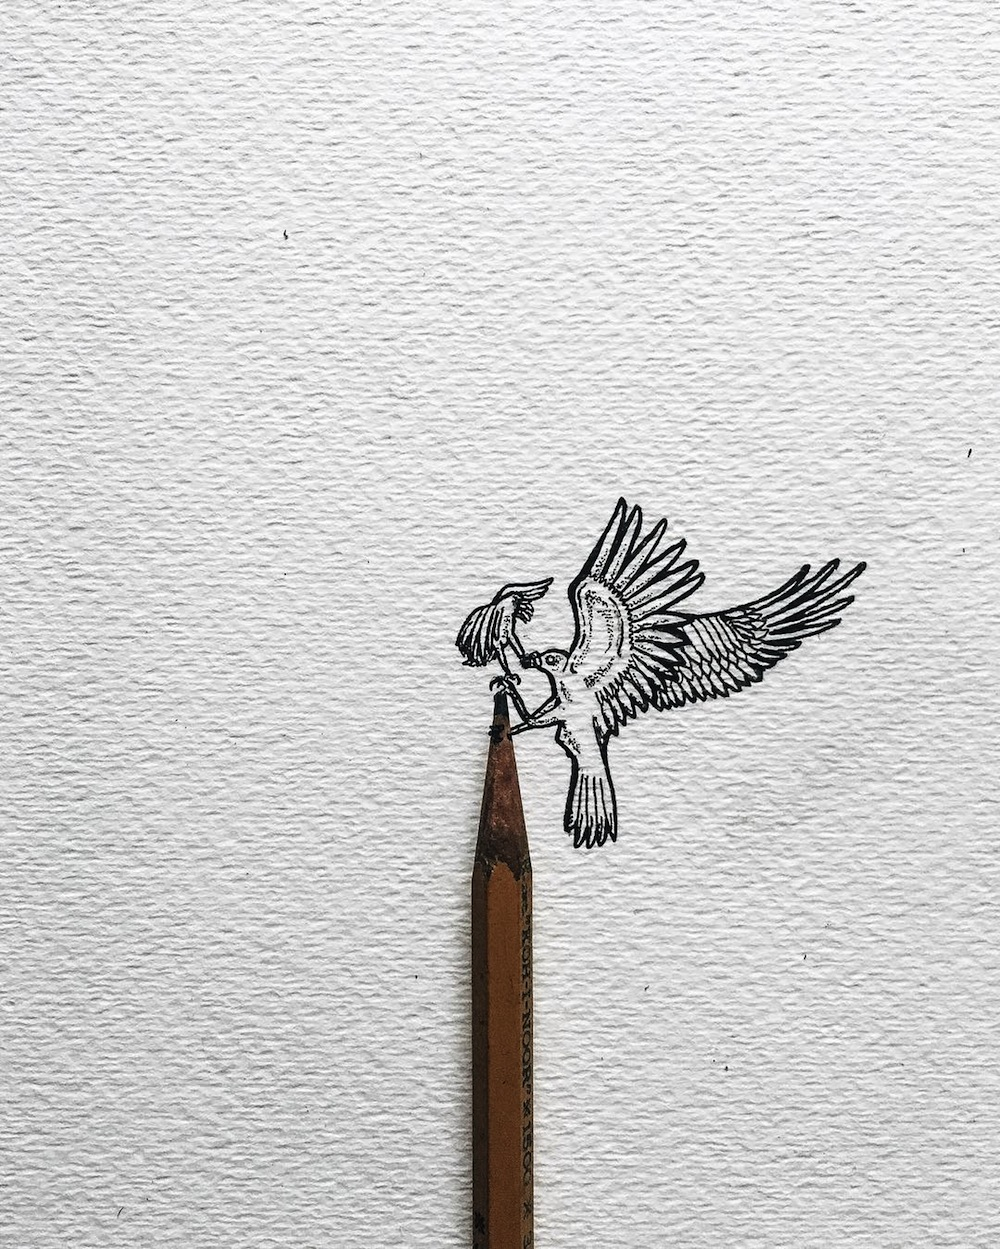 Кристиан Уотсон: графические миниатюры, нарисованные тушью и карандашом